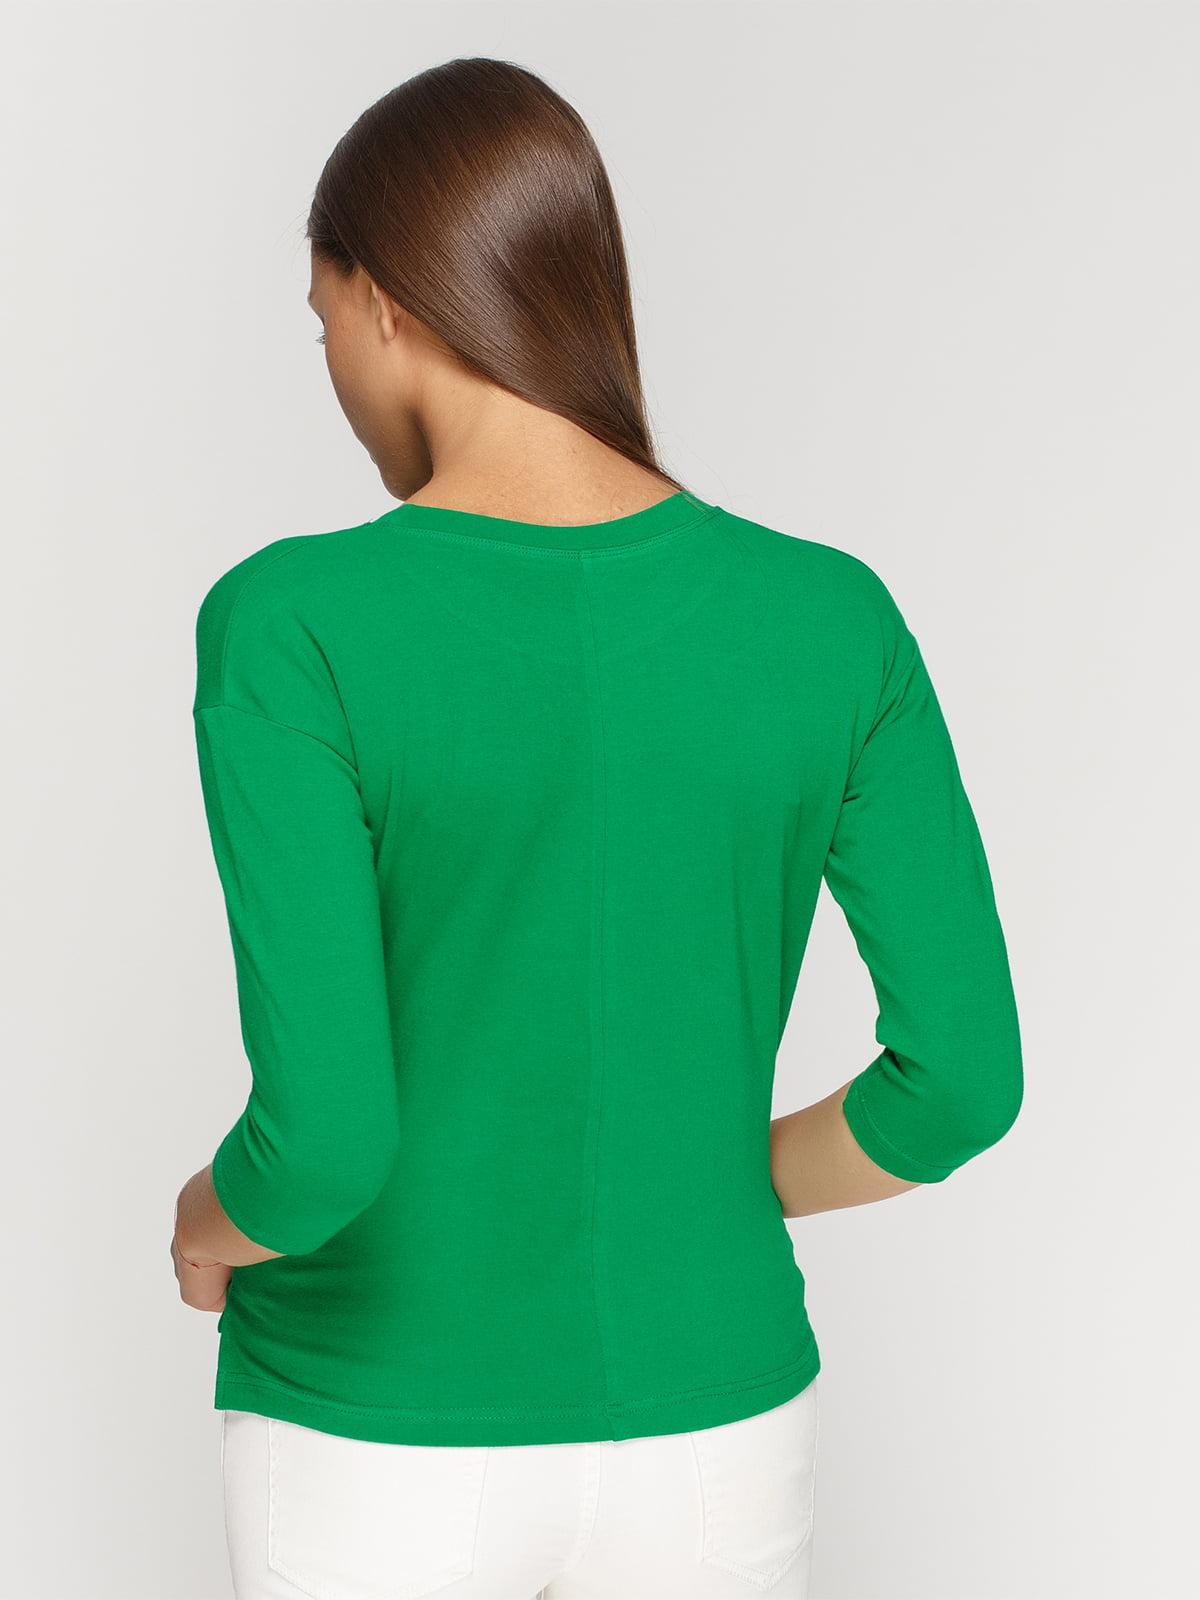 Лонгслів зелений з принтом | 4578159 | фото 2